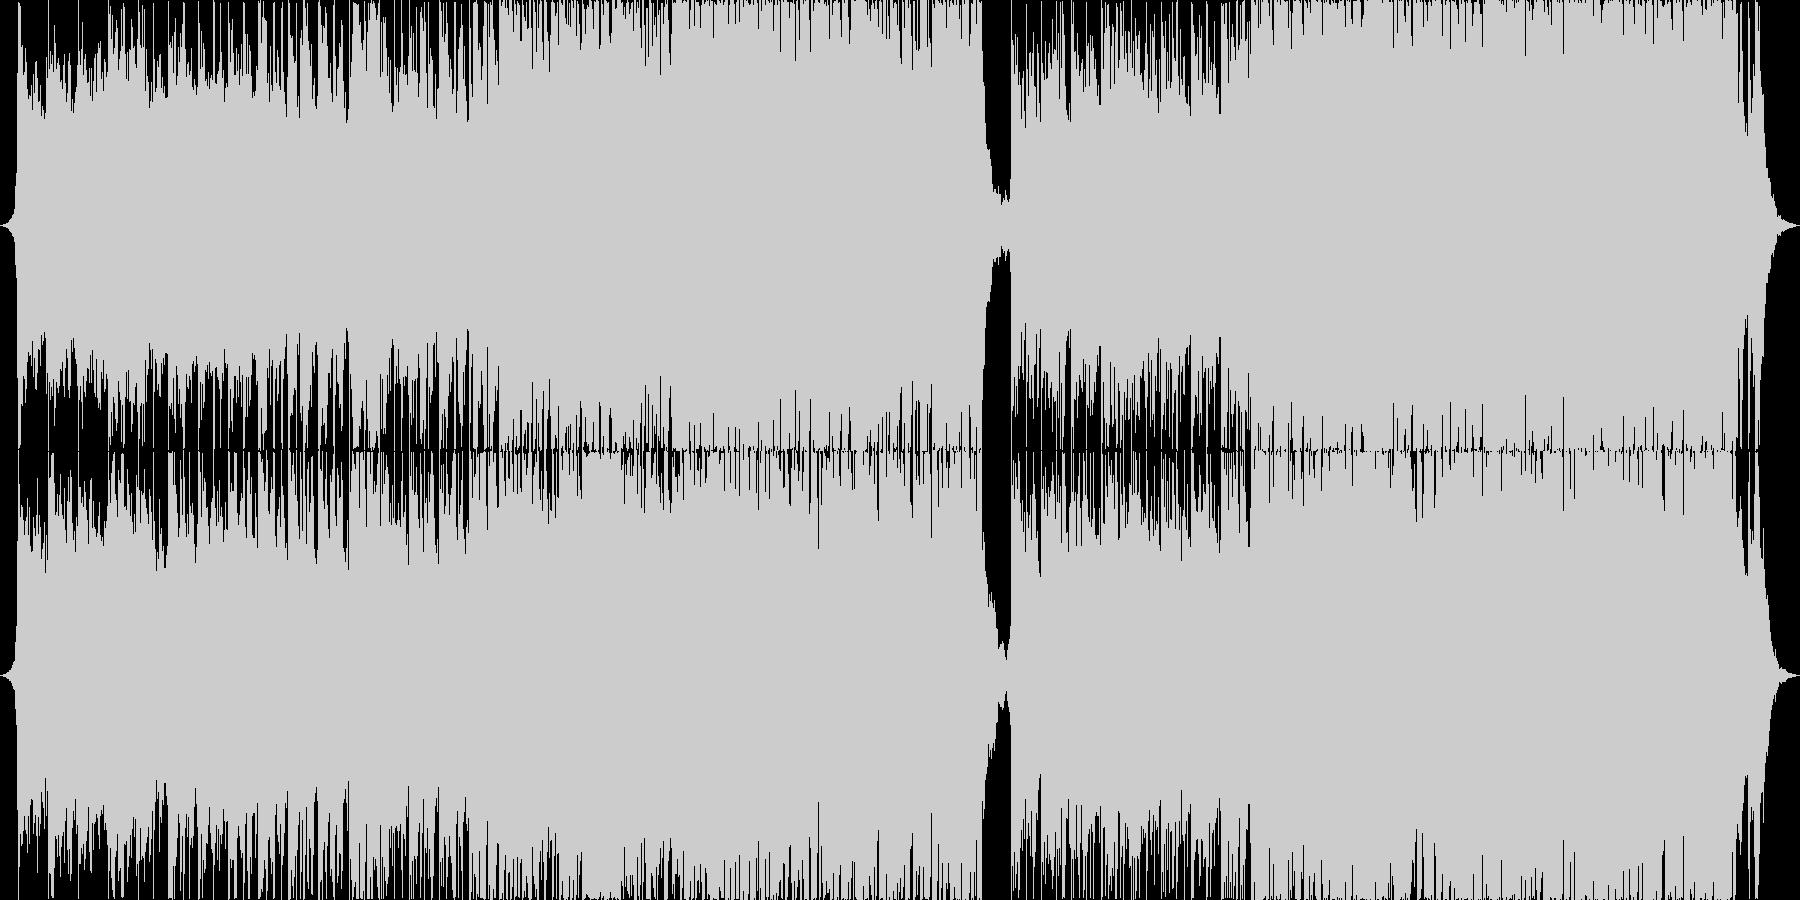 明るく爽やかなコーポレート系BGMの未再生の波形